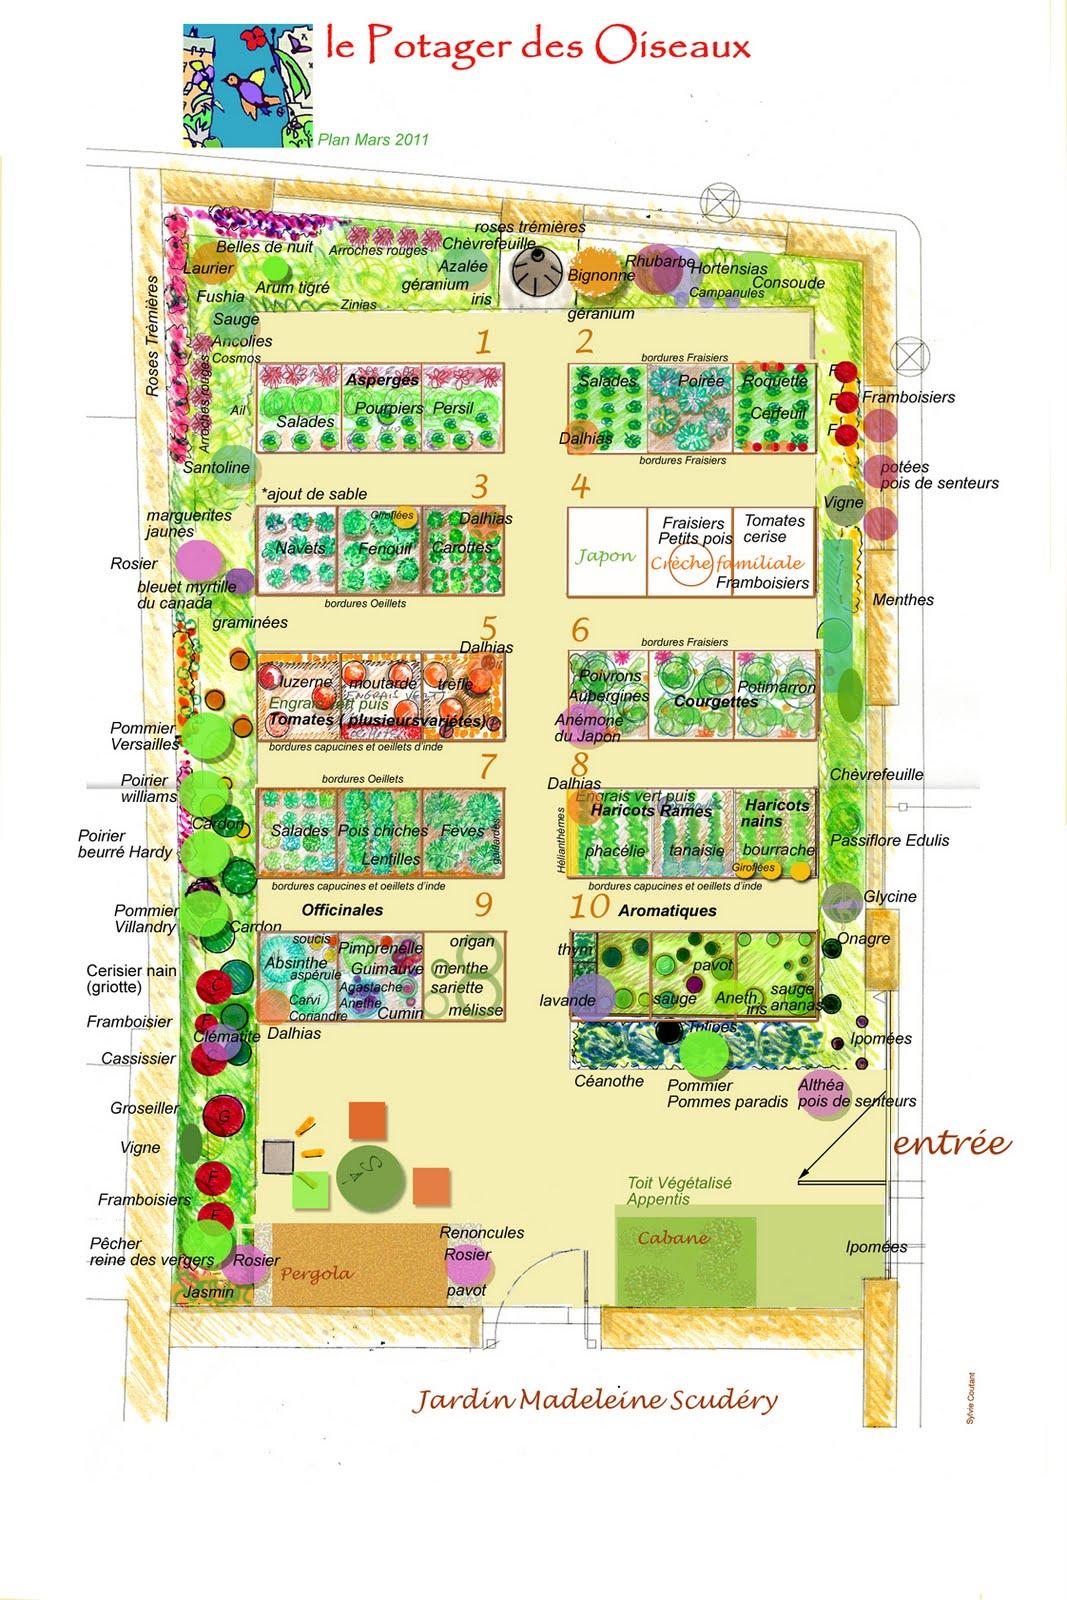 Le plan du potager pour l 39 an 2011 jardin potager des oiseaux for Plan jardin potager sureleve